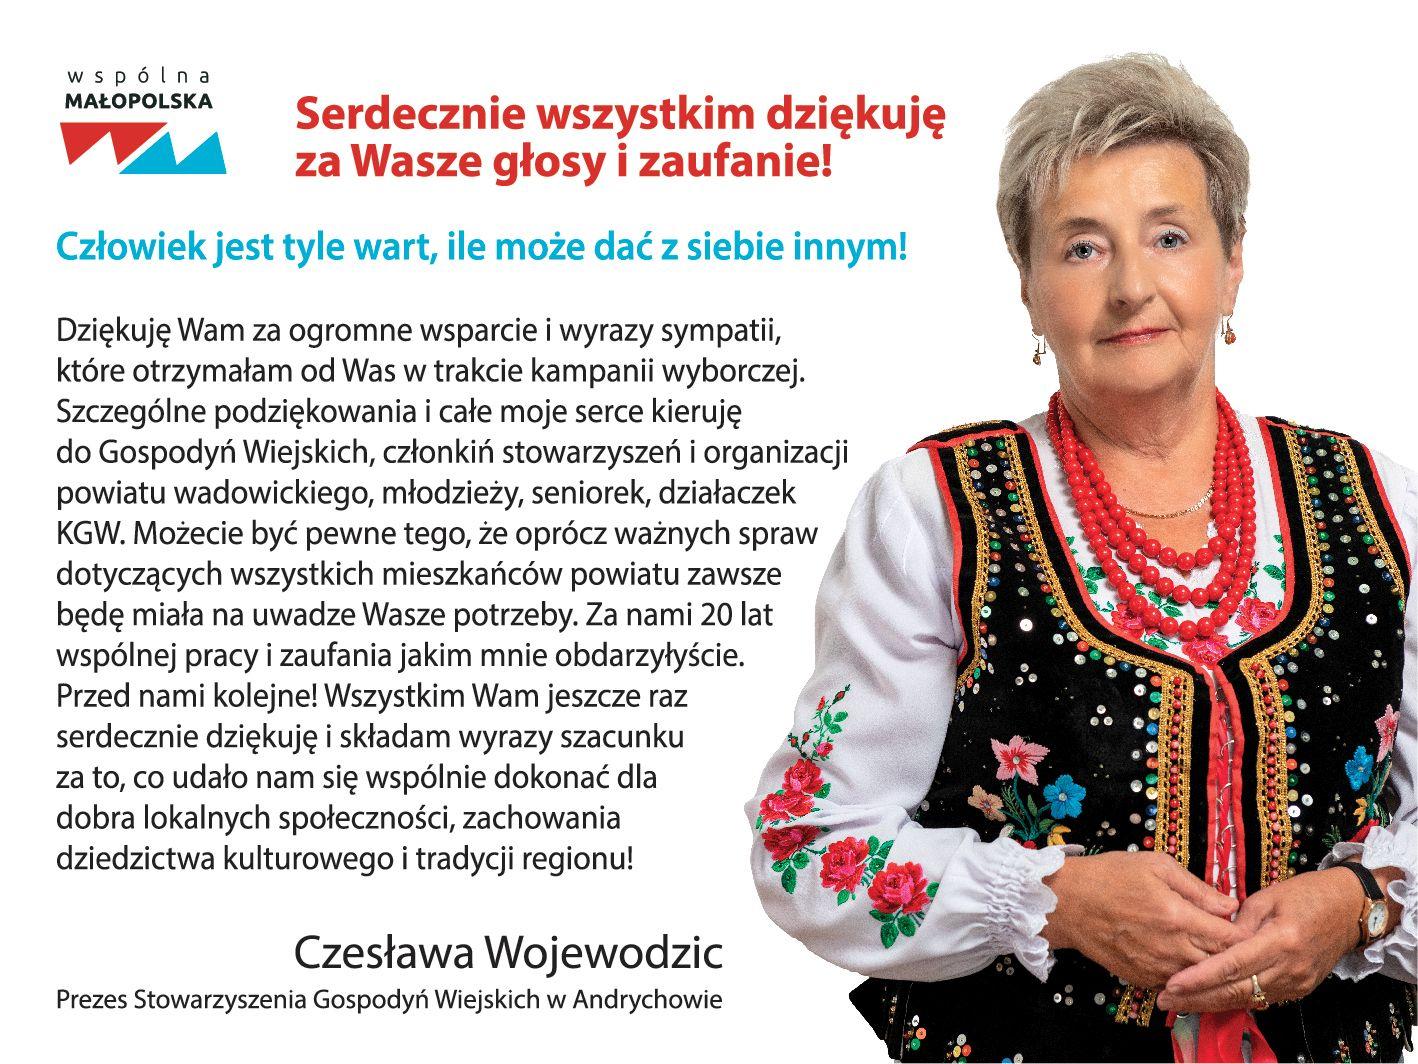 Podziękowanie od Czesławy Wojewodzic